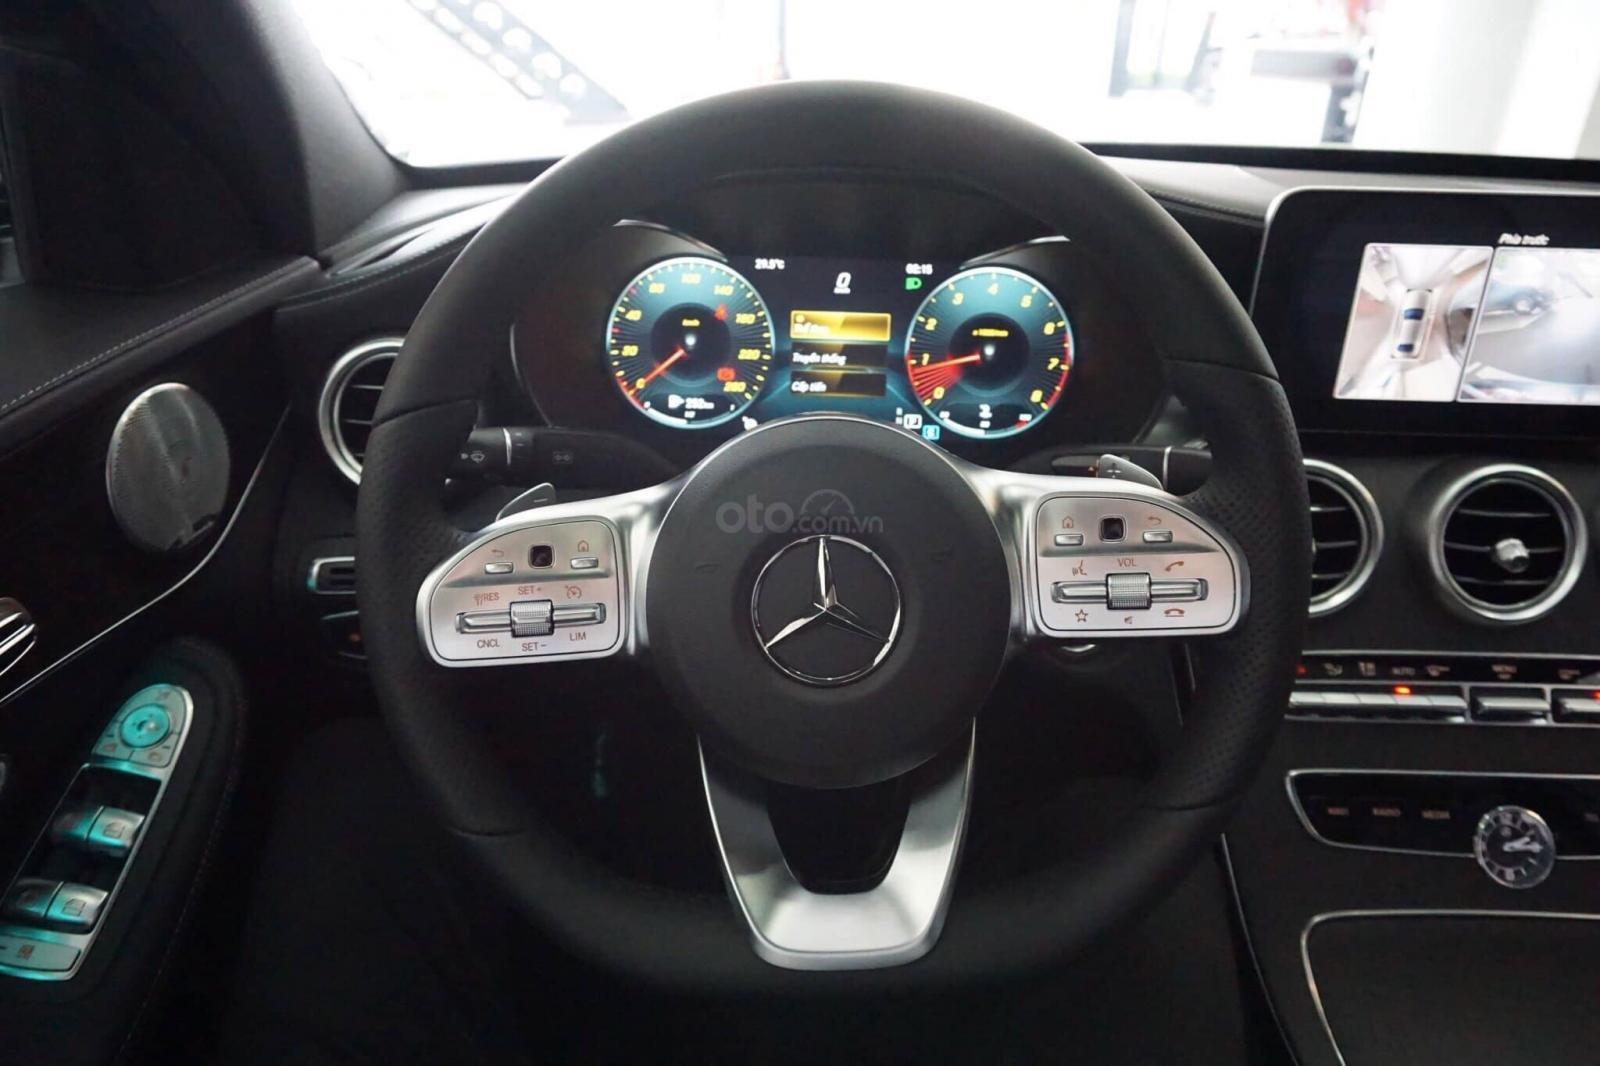 Giá xe Mercedes C300 AMG 2019: Thông số, giá lăn bánh (11/2019) giảm tiền mặt, tặng bảo hiểm và phụ kiện chính hãng (12)